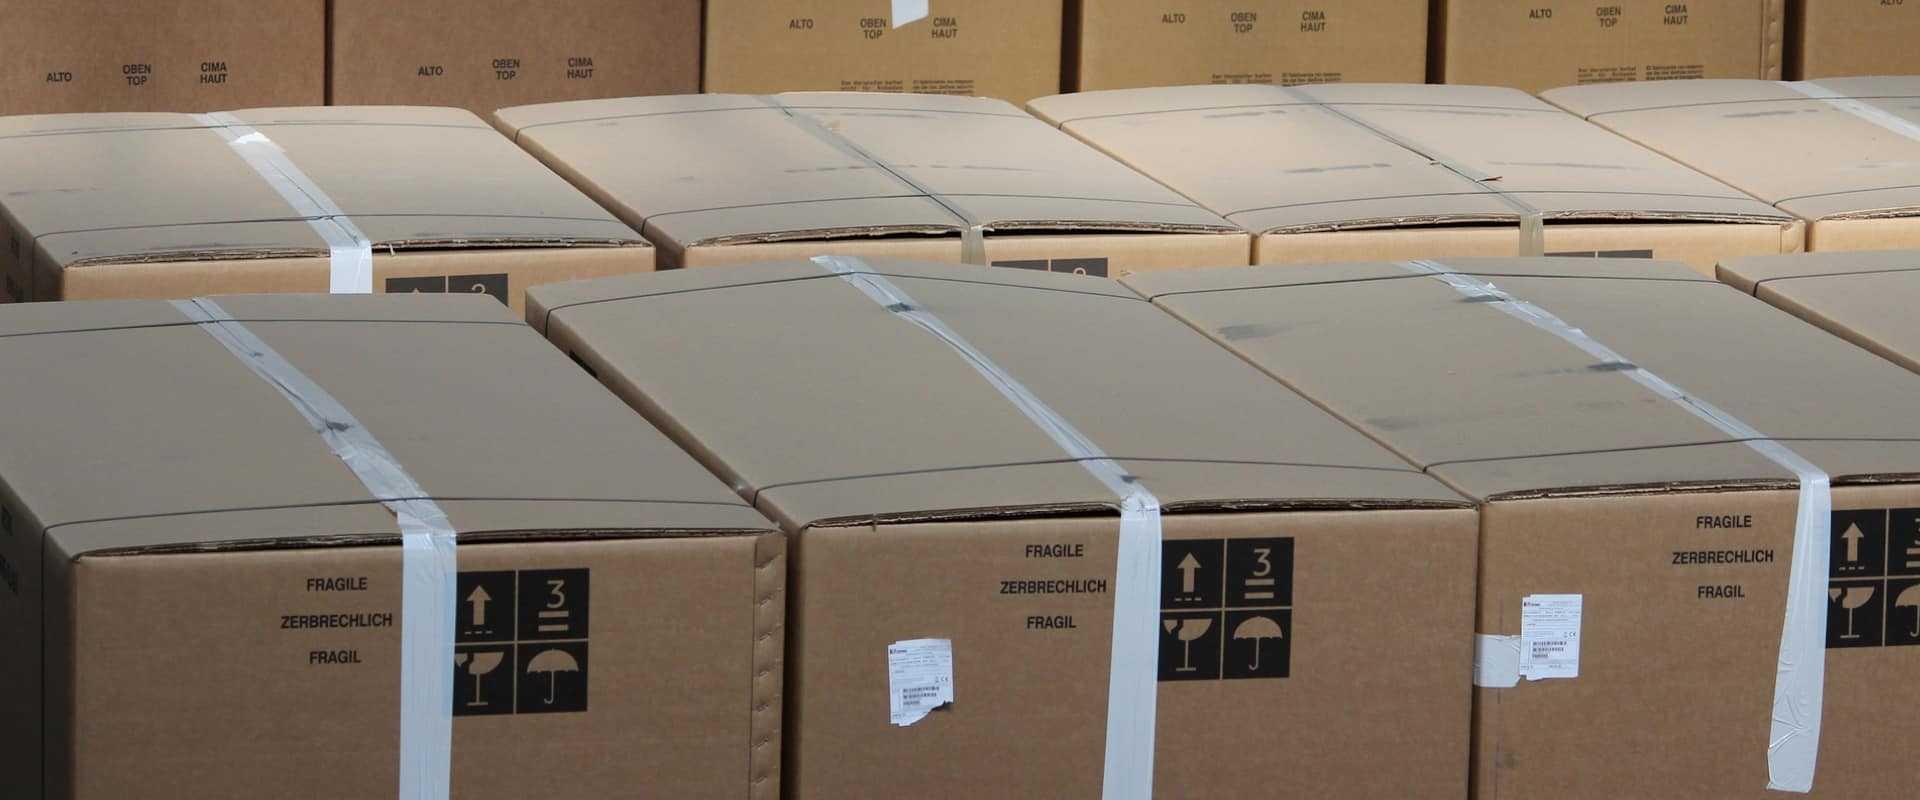 COSYS Lösung für den Paket Transport